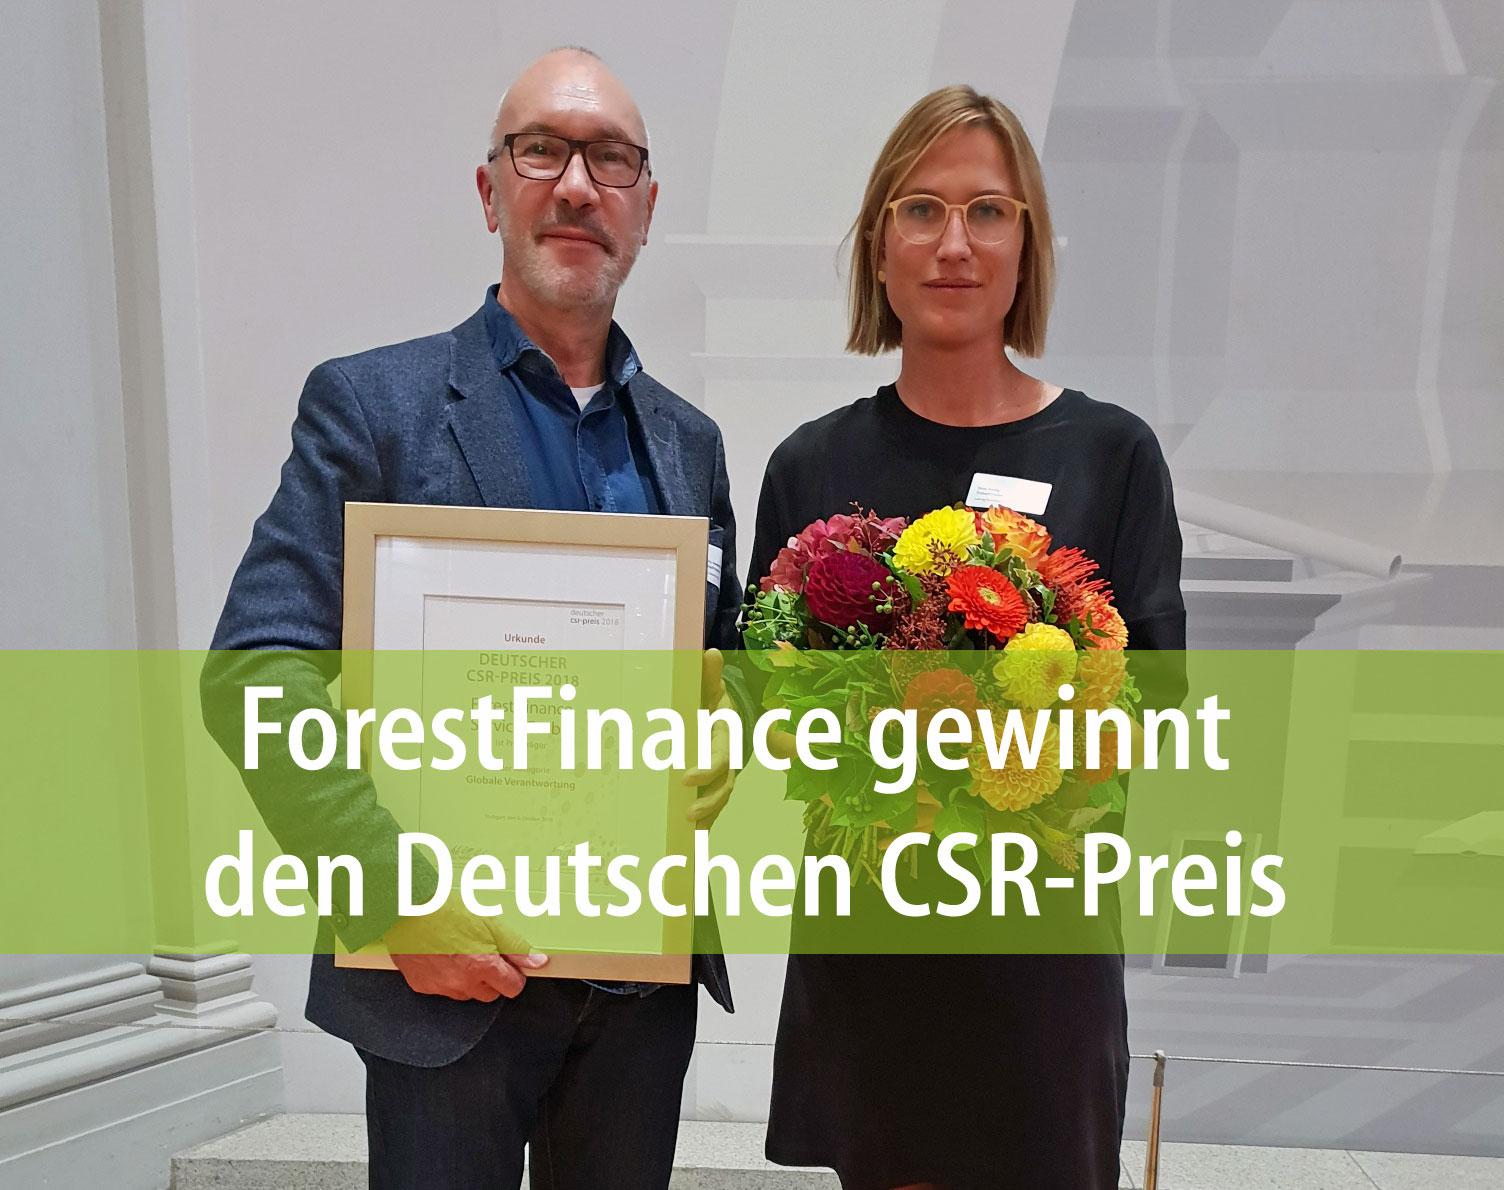 ForestFinance-Gründer und -Geschäftsführer nahm den CSR-Preis gemeinsam mit Nina Rattay, Leiterin der Kommunikationsabteilung, in Stuttgart entgegen. Foto: ForestFinance